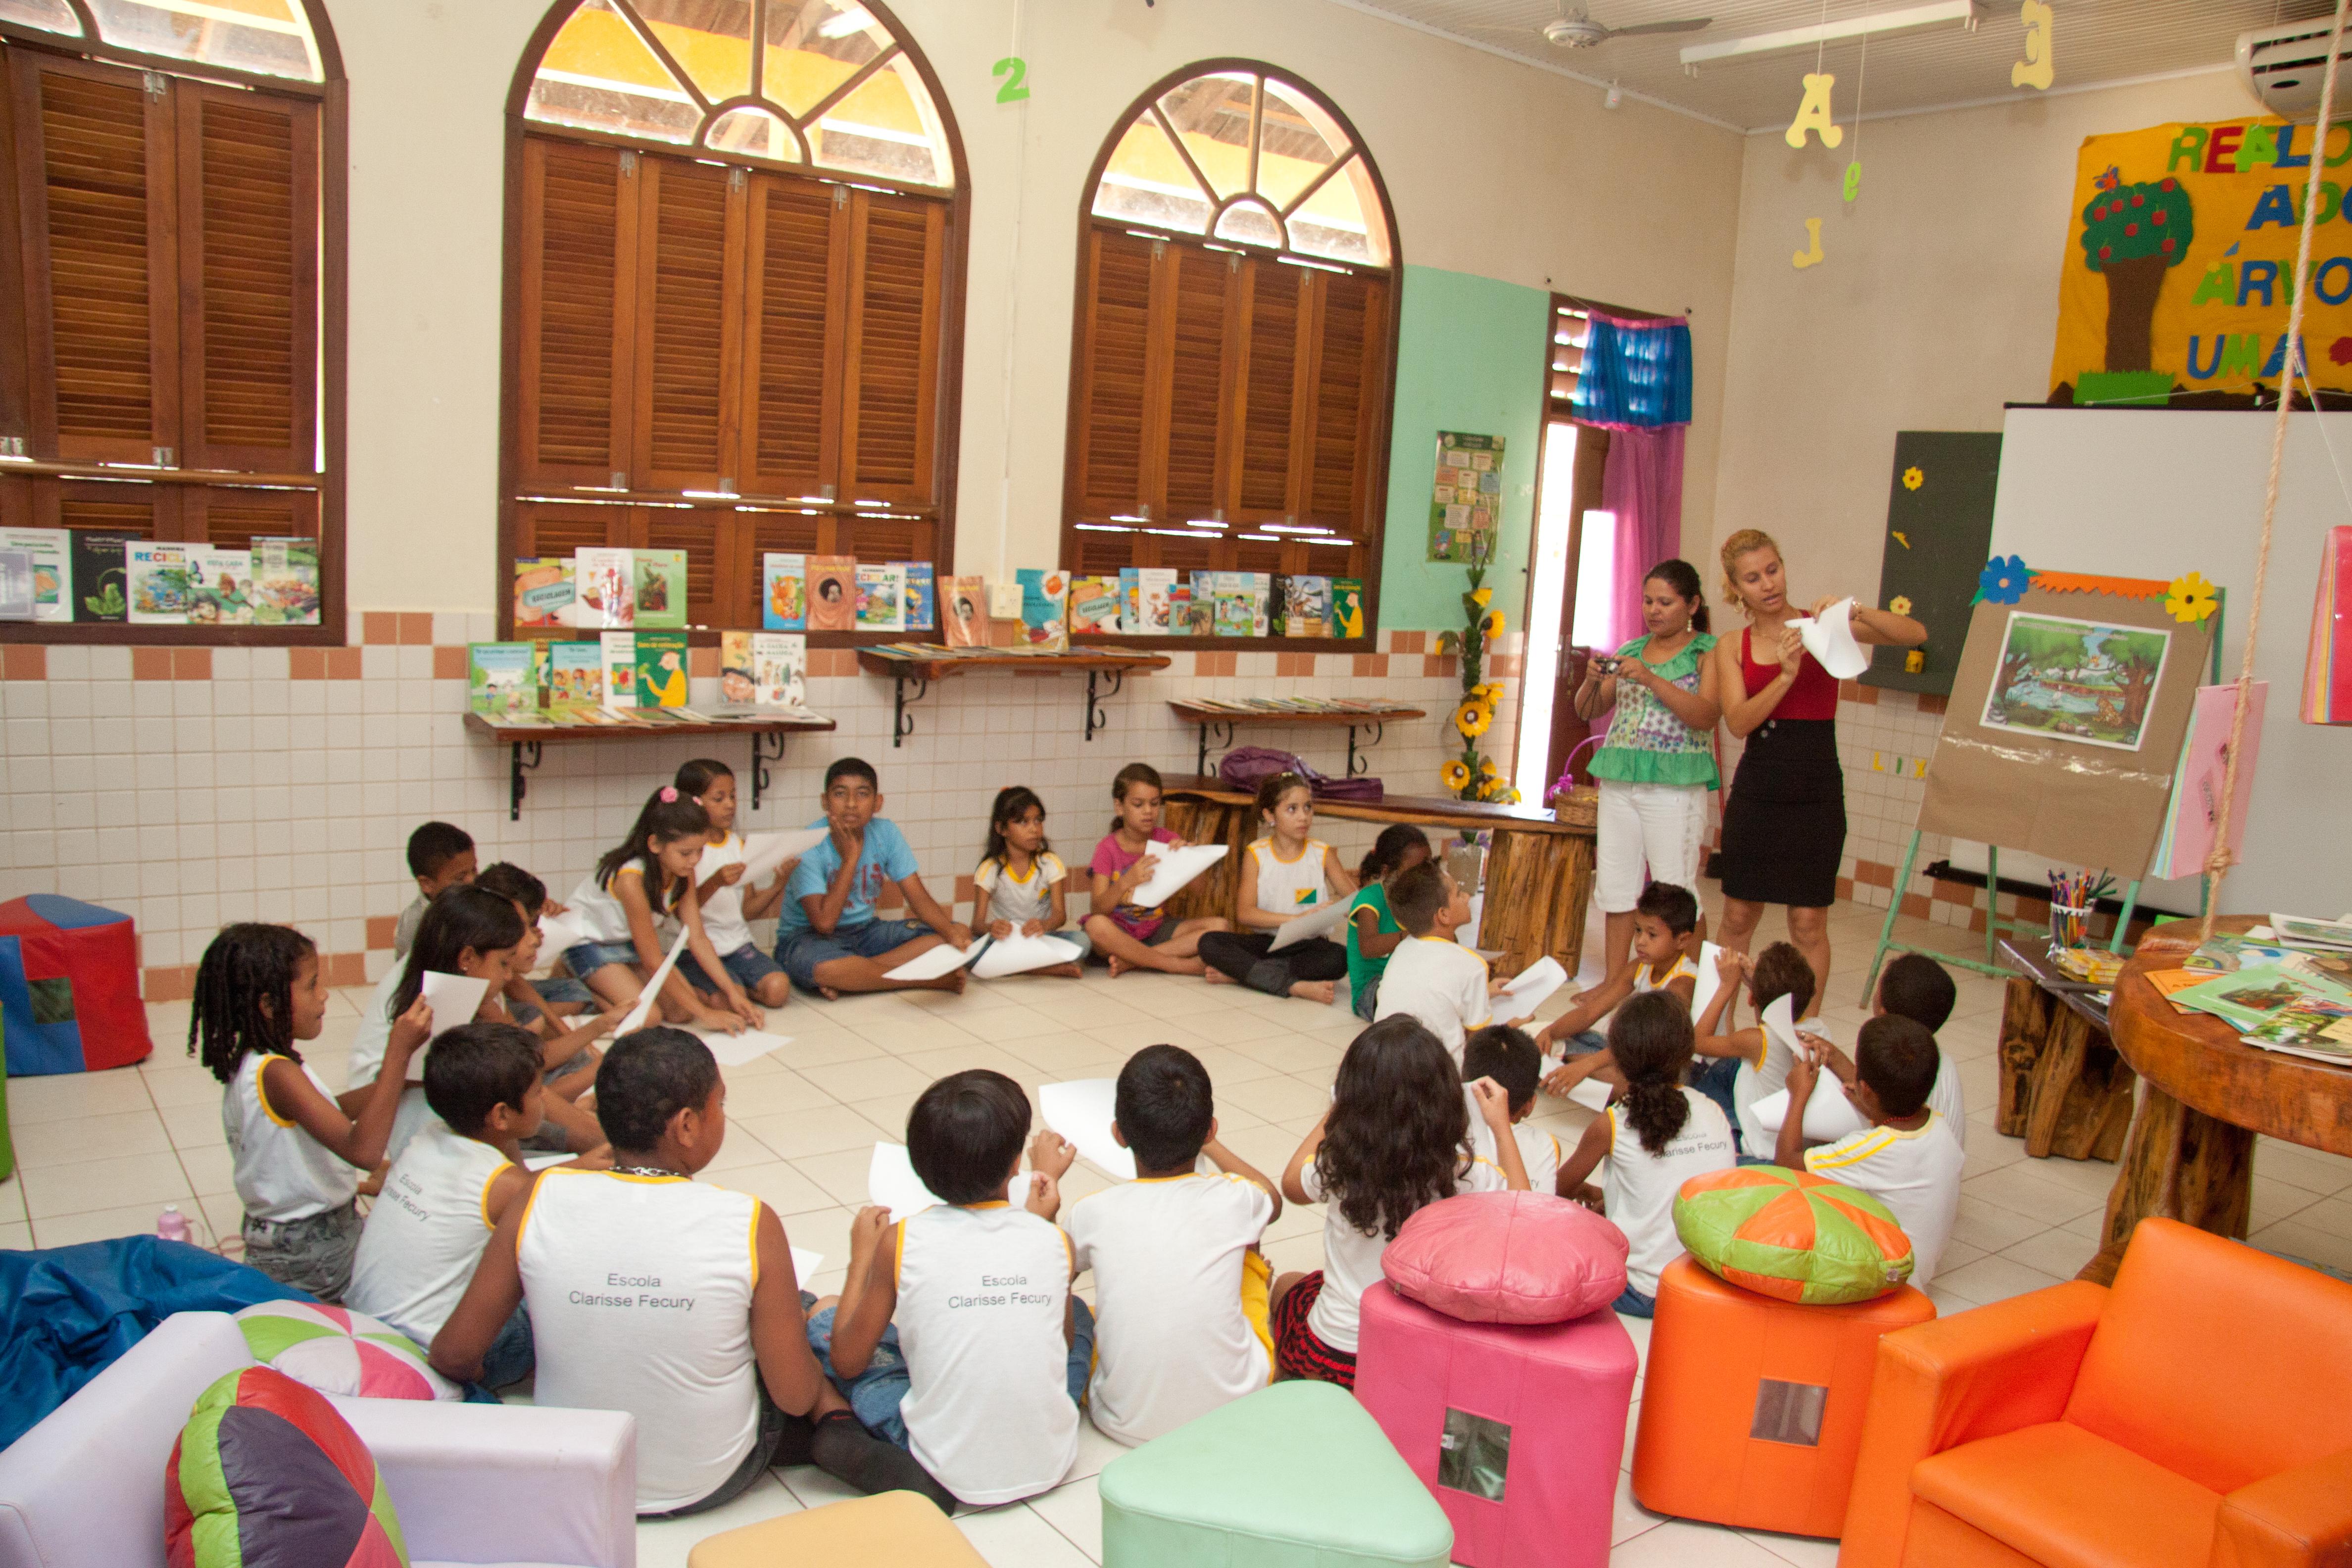 Em sala uma sala ampla com janelas grandes, crianças sentadas em roda no chão seguram folhas sulfites e observam a professora, que de pé, que faz uma dobradura. Nas paredes da classe há estantes de livros e no chão almofadas coloridas de diferentes tamanhos.